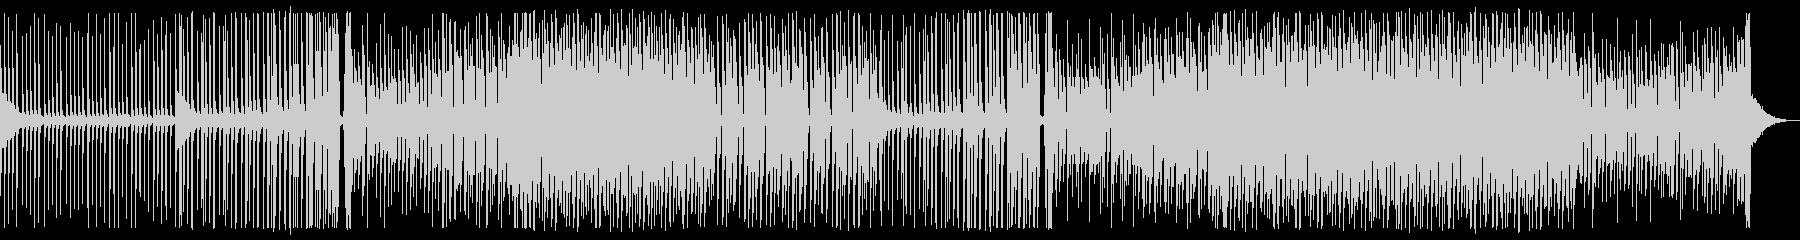 爽やかなEDMの未再生の波形